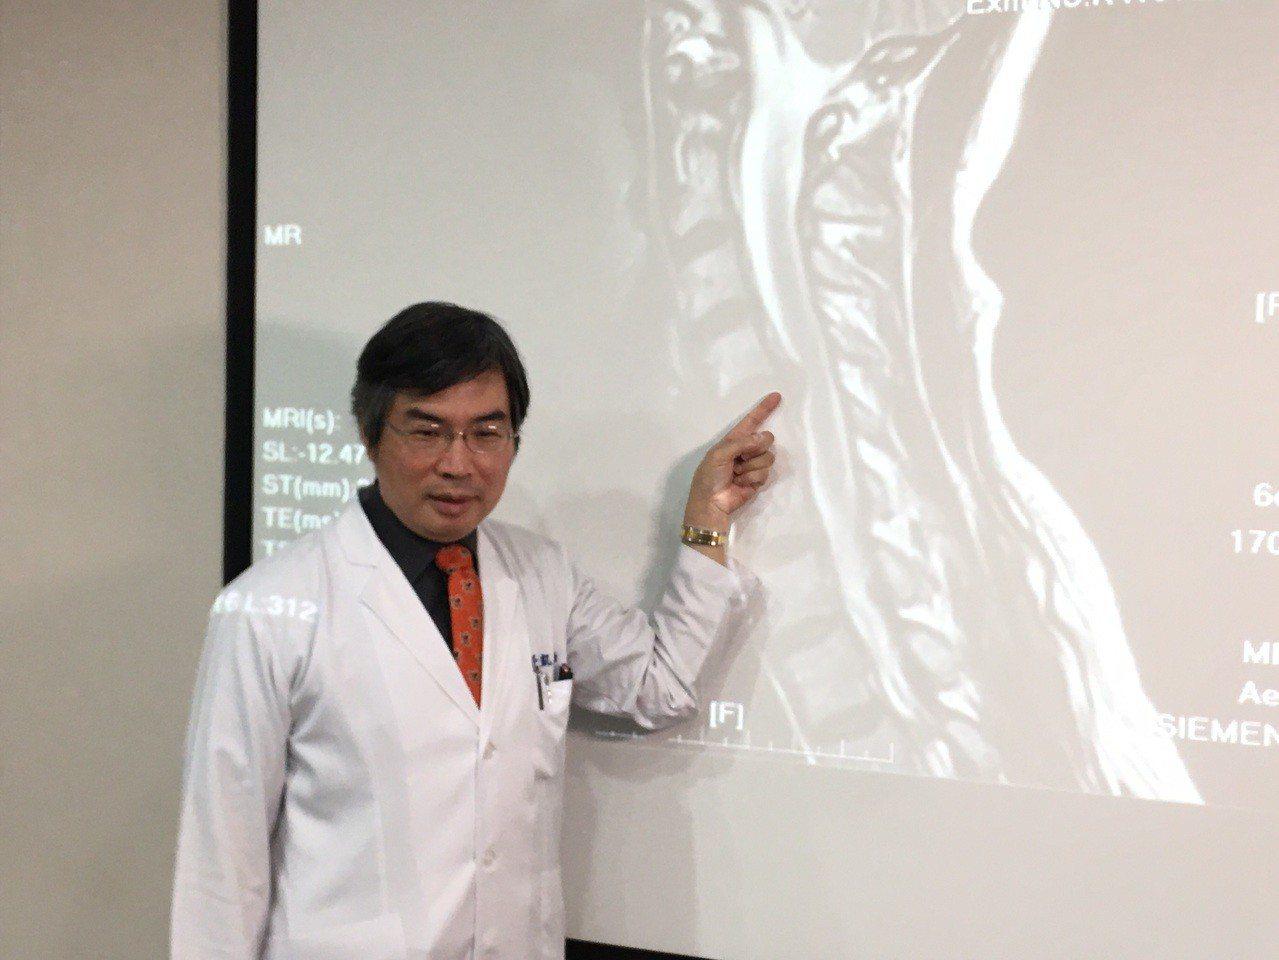 台中榮總功能性神經外科主任鄒錫凱指出,超過40歲以上的人約有30%以上會有頸椎椎...